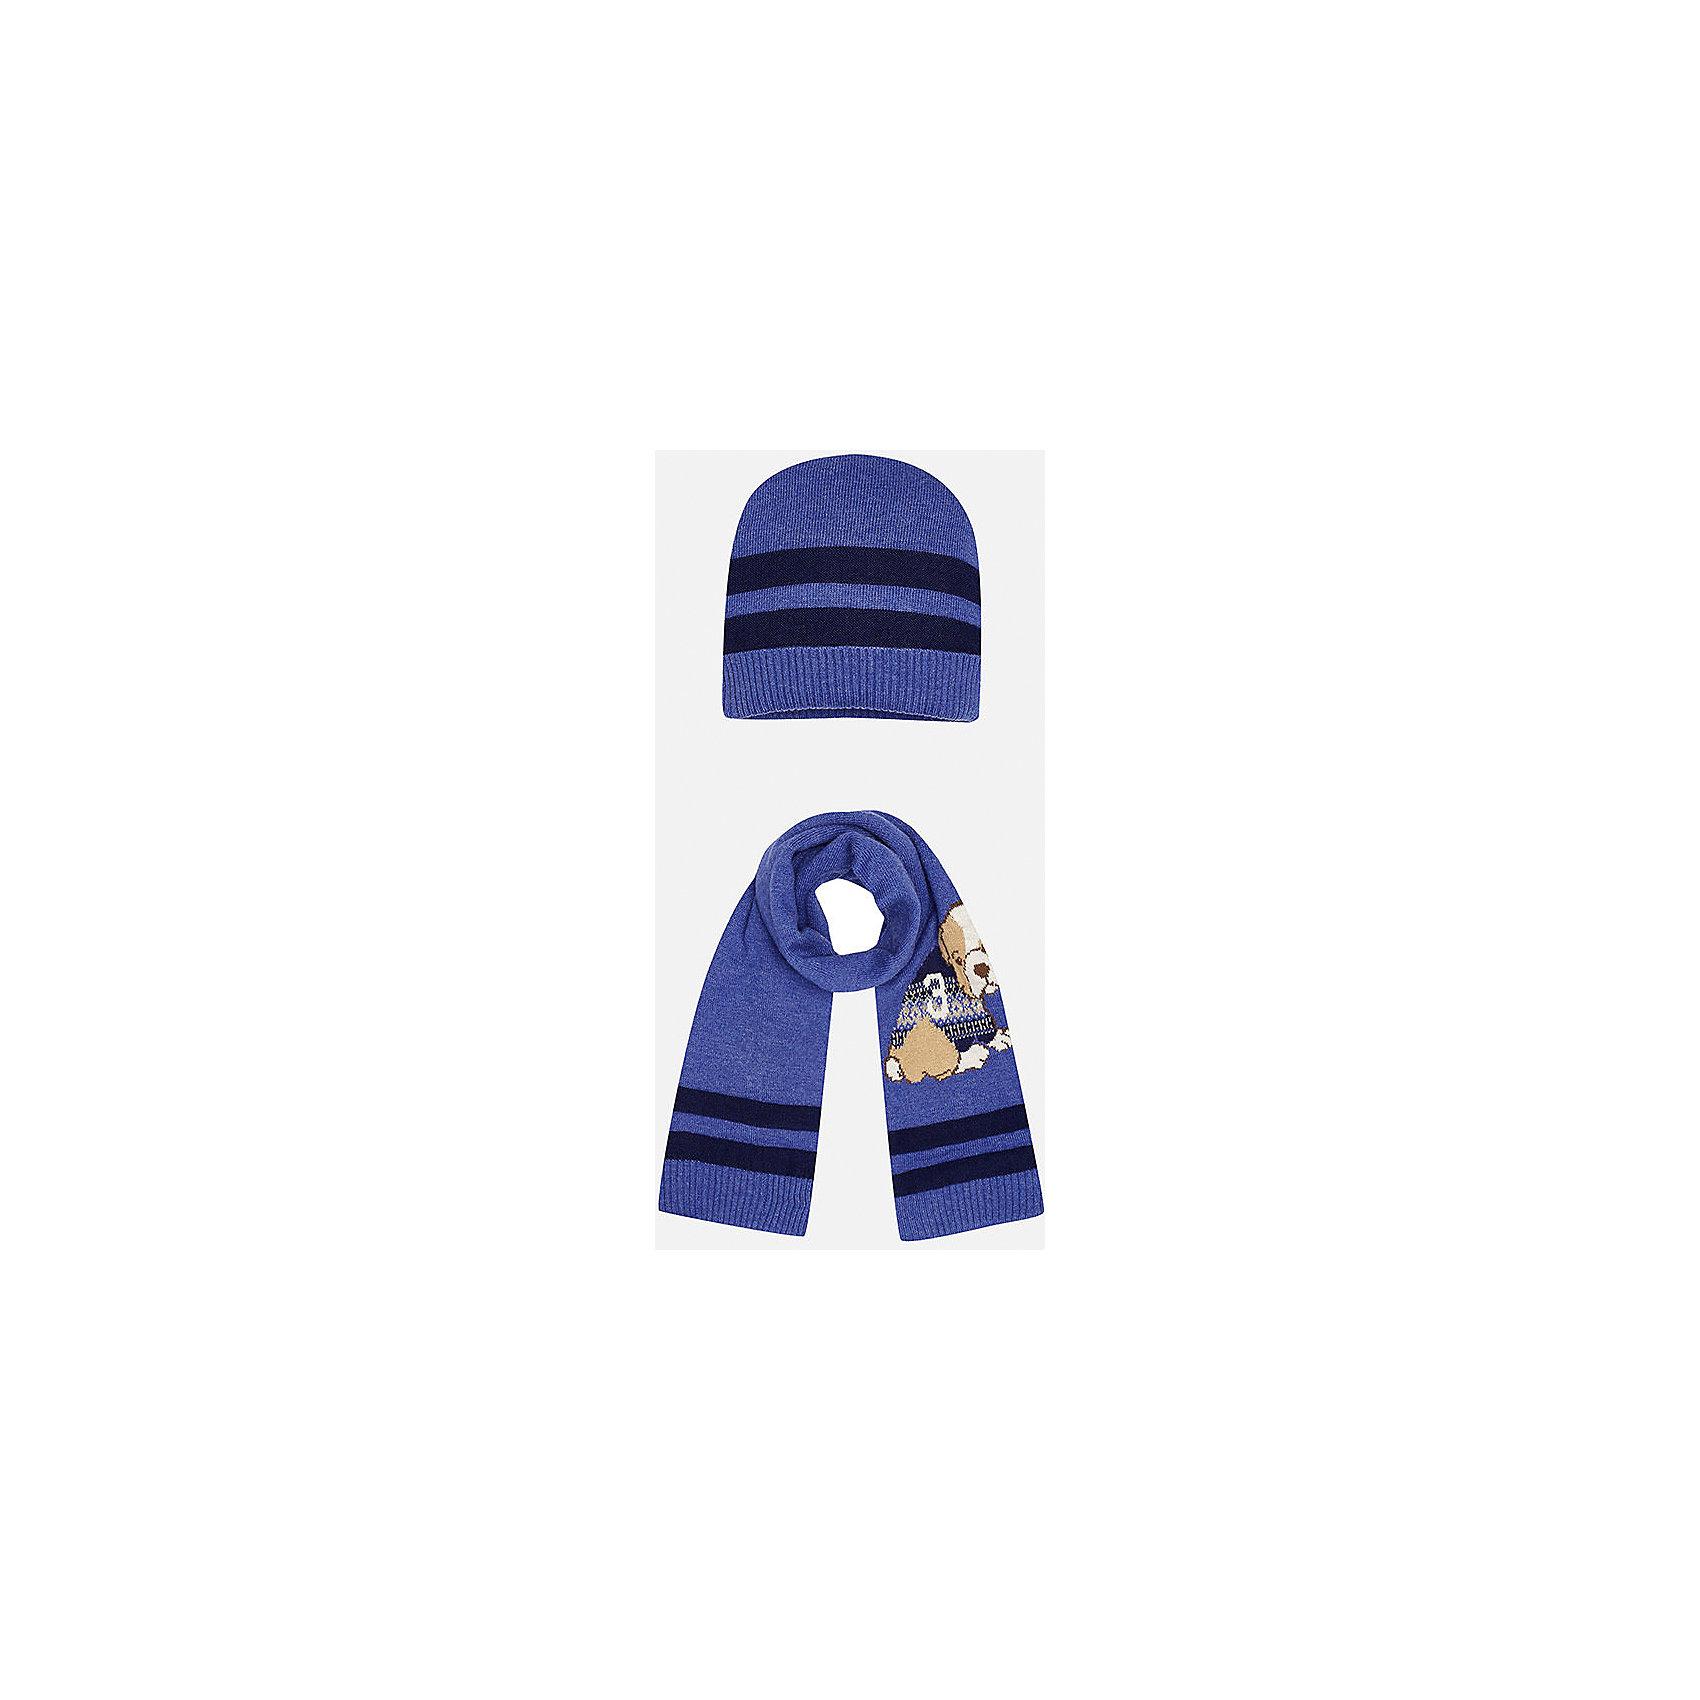 Комплект: шапка-шарф для мальчика MayoralШарфы, платки<br>Комплект из шапки и шарфа для мальчика от известного испанского бренда Mayoral. Изготовлены из качественных дышащих материалов. Шарф украшен приятным рисунком с собачкой.<br>Дополнительная информация:<br>-цвет: фиолетовый с темно-синими полосками; рисунок собачка на шарфе<br>-резиночка на шапке<br>-состав: 60% хлопок, 30% полиамид, 10% шерсть<br>Комплект из шапки и шарфа Mayoral вы можете приобрести  в нашем интернет-магазине.<br><br>Ширина мм: 89<br>Глубина мм: 117<br>Высота мм: 44<br>Вес г: 155<br>Цвет: лиловый<br>Возраст от месяцев: 12<br>Возраст до месяцев: 18<br>Пол: Мужской<br>Возраст: Детский<br>Размер: 48,46<br>SKU: 4820057